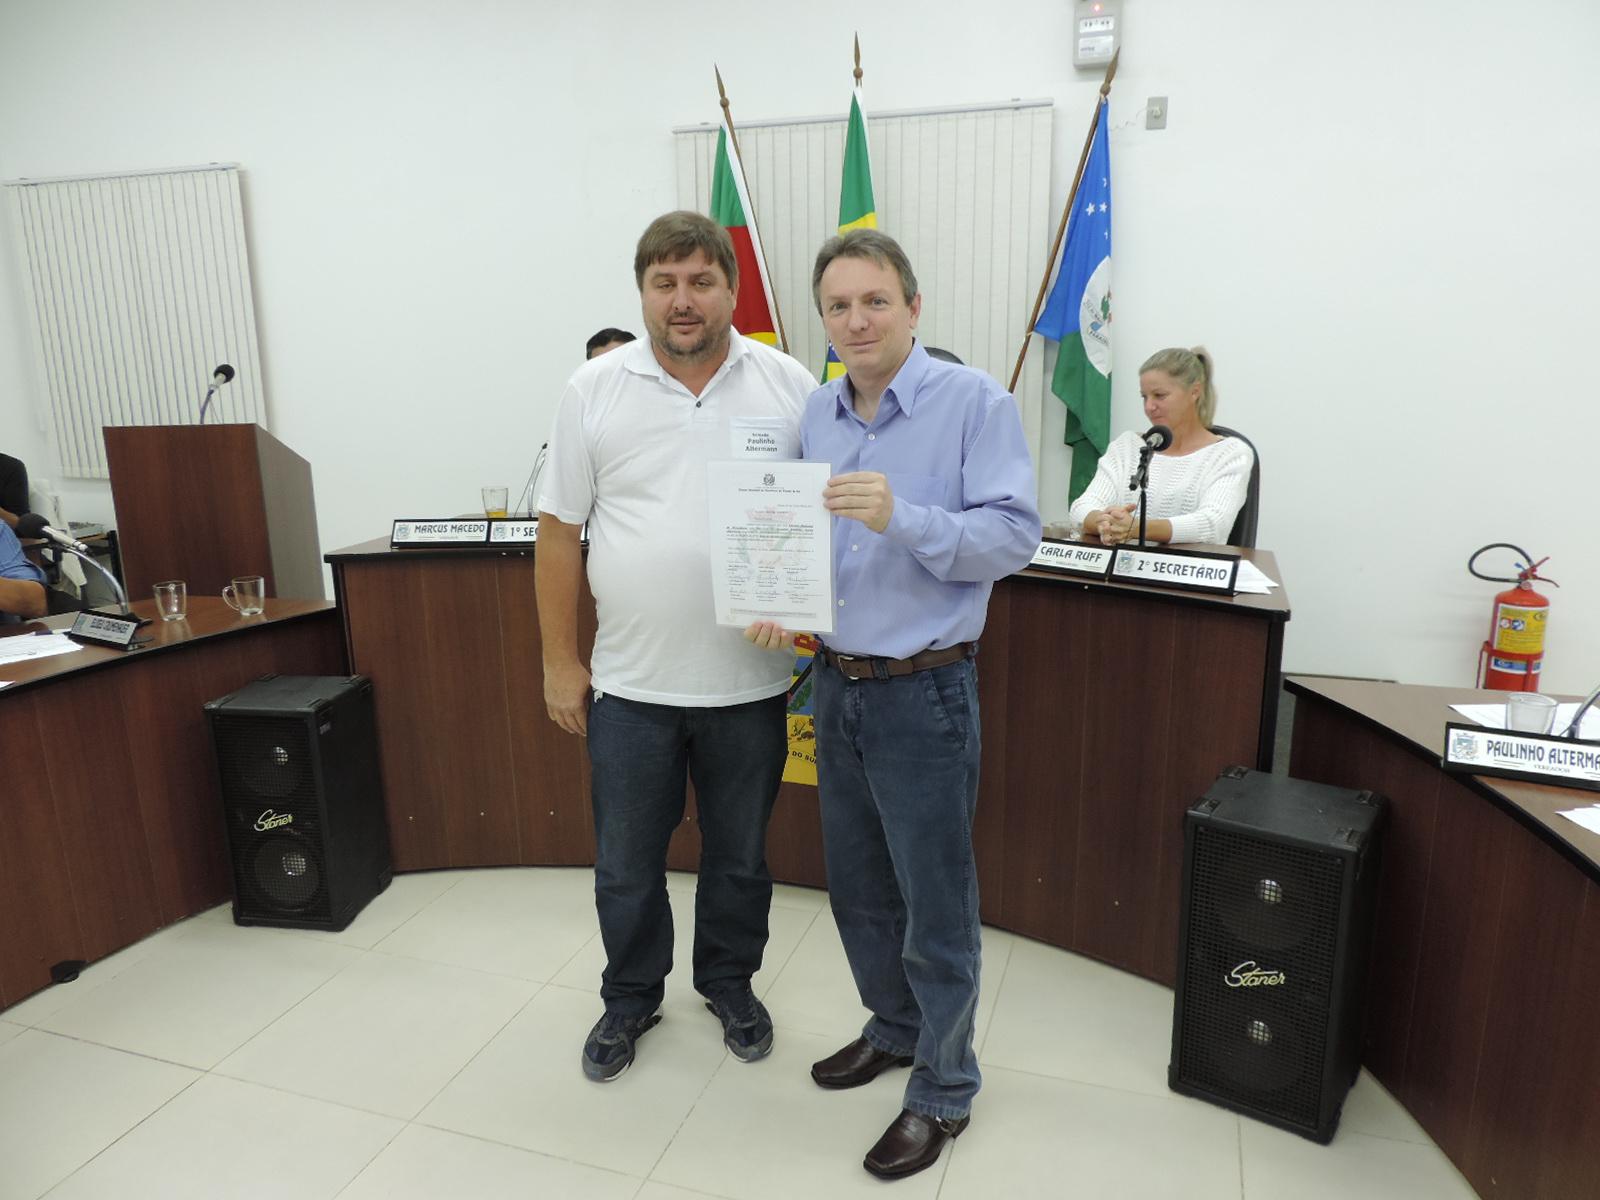 Câmara de Vereadores entrega moção de agradecimento ao Senhor Mauro Schmitt.